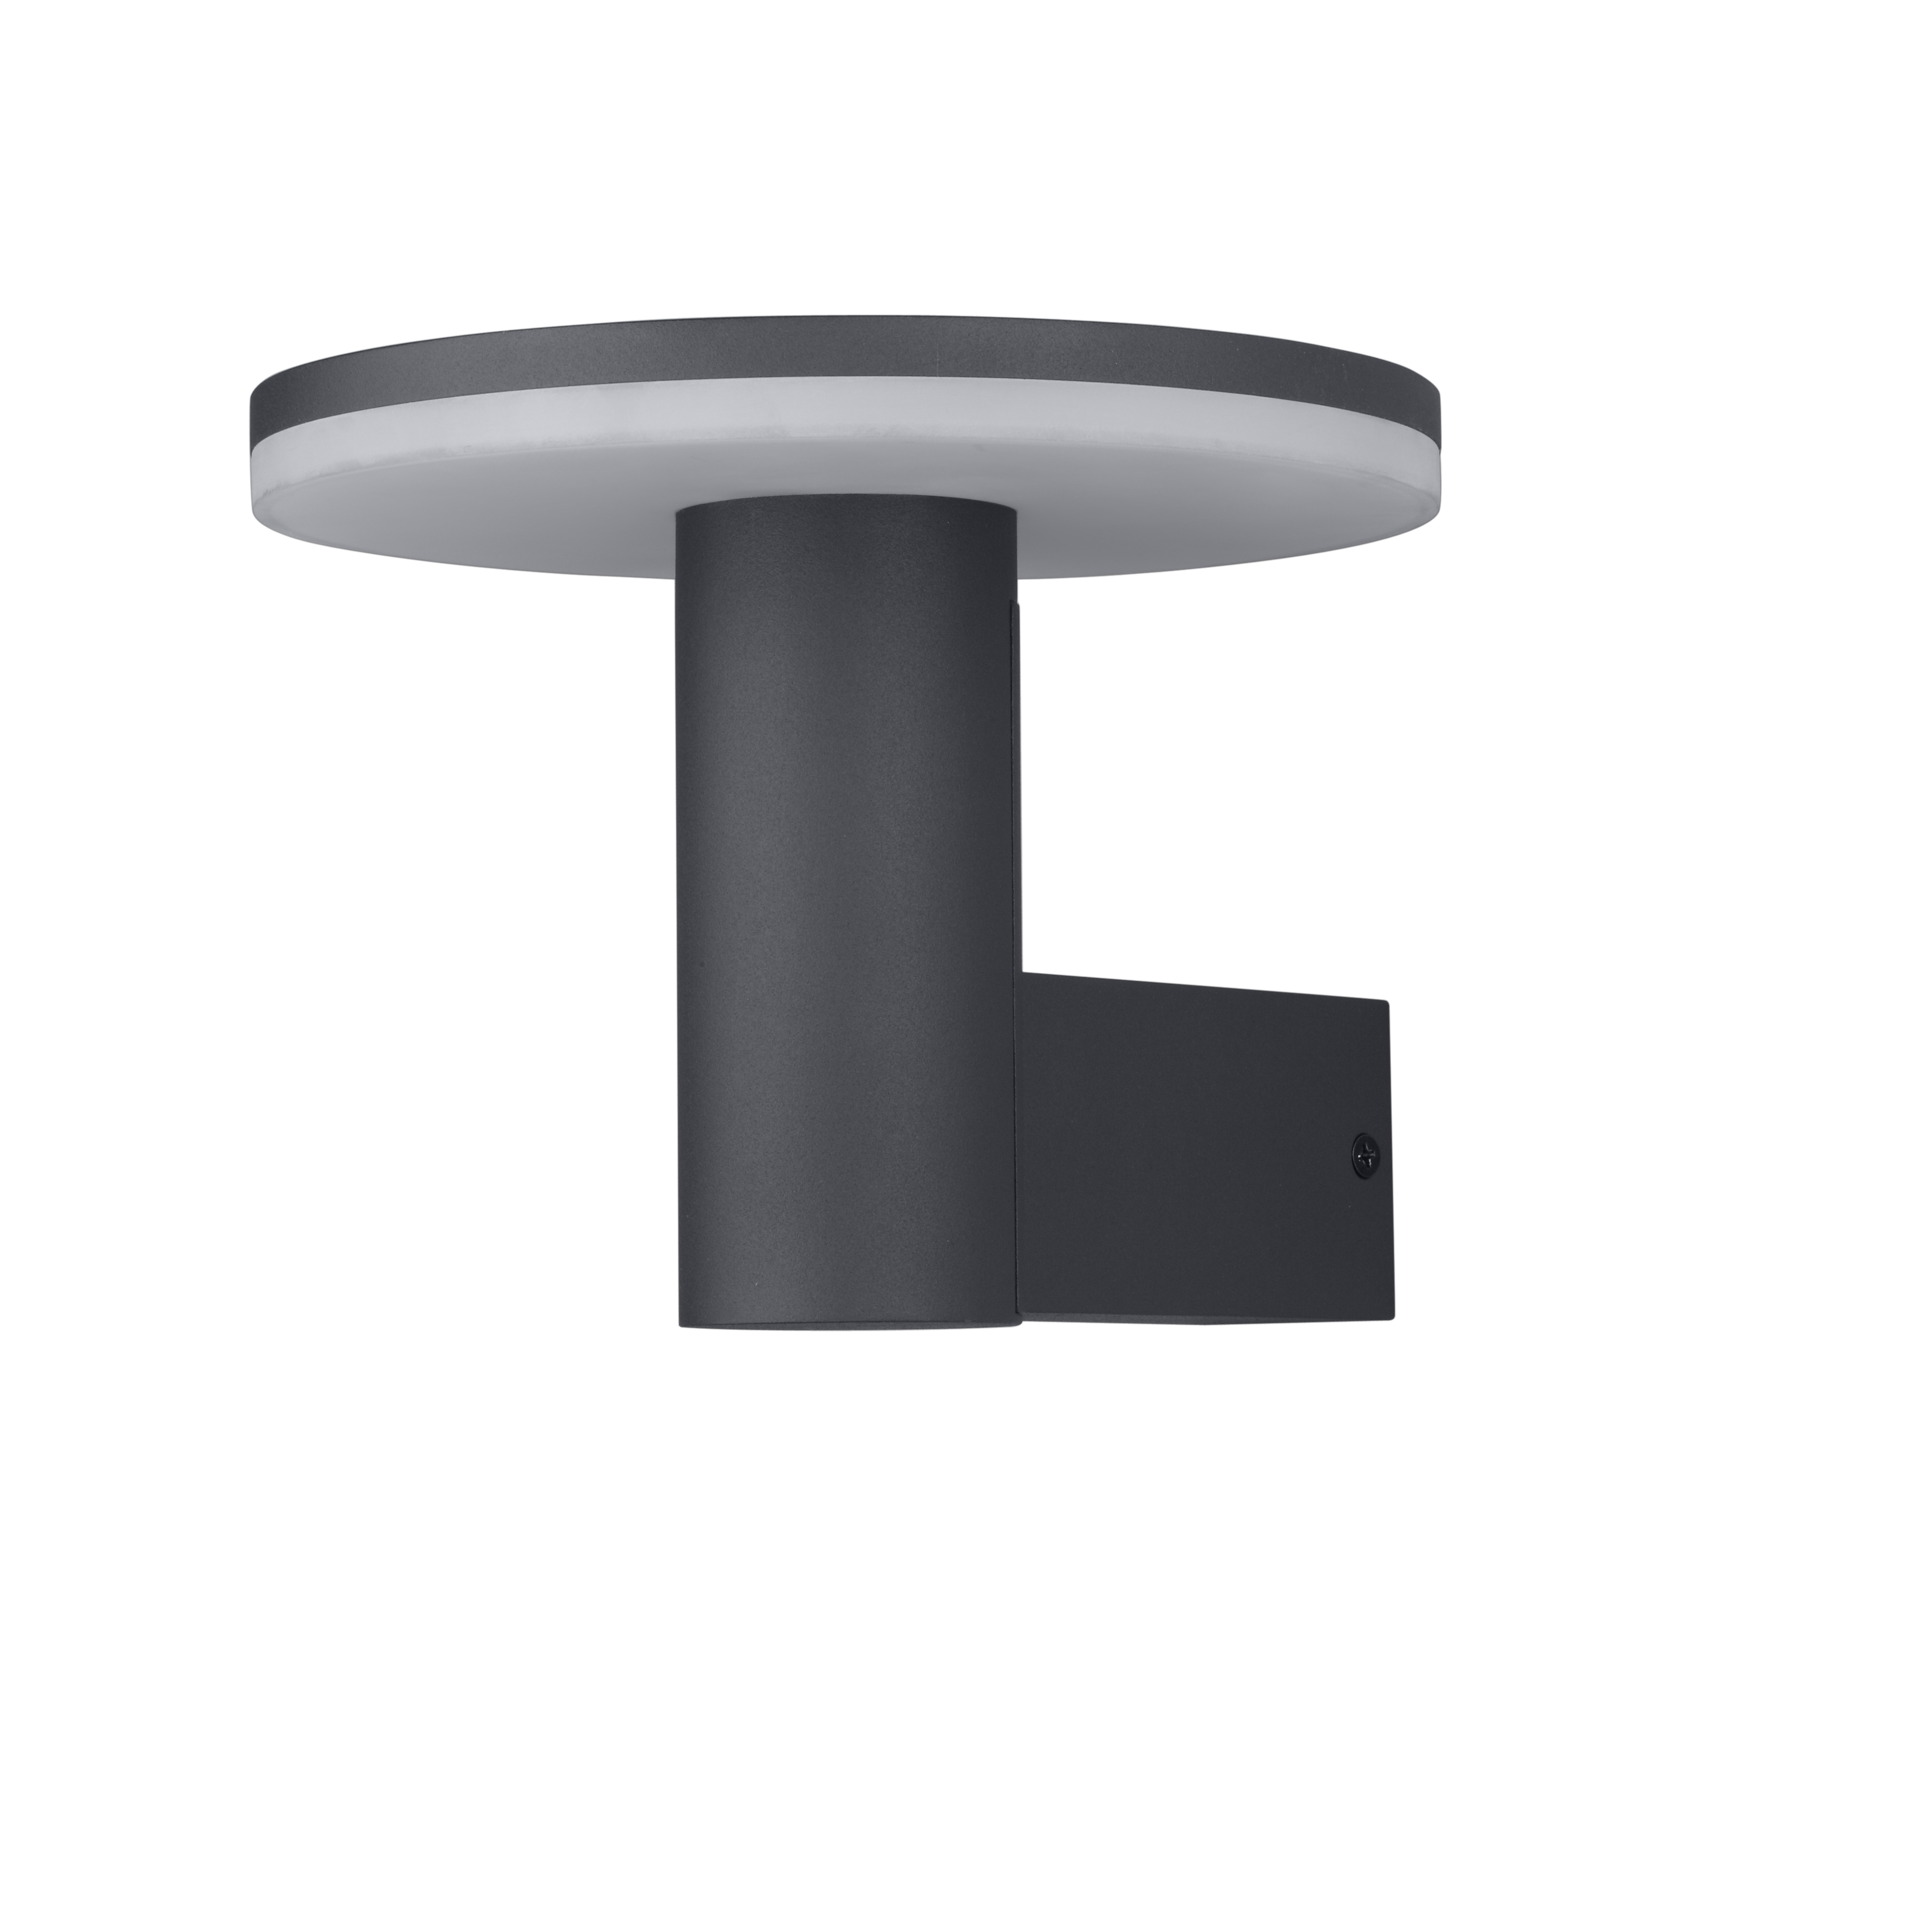 Настенный светильник Mantra Cerler 6496, IP54, серый, белый, металл, пластик - фото 1